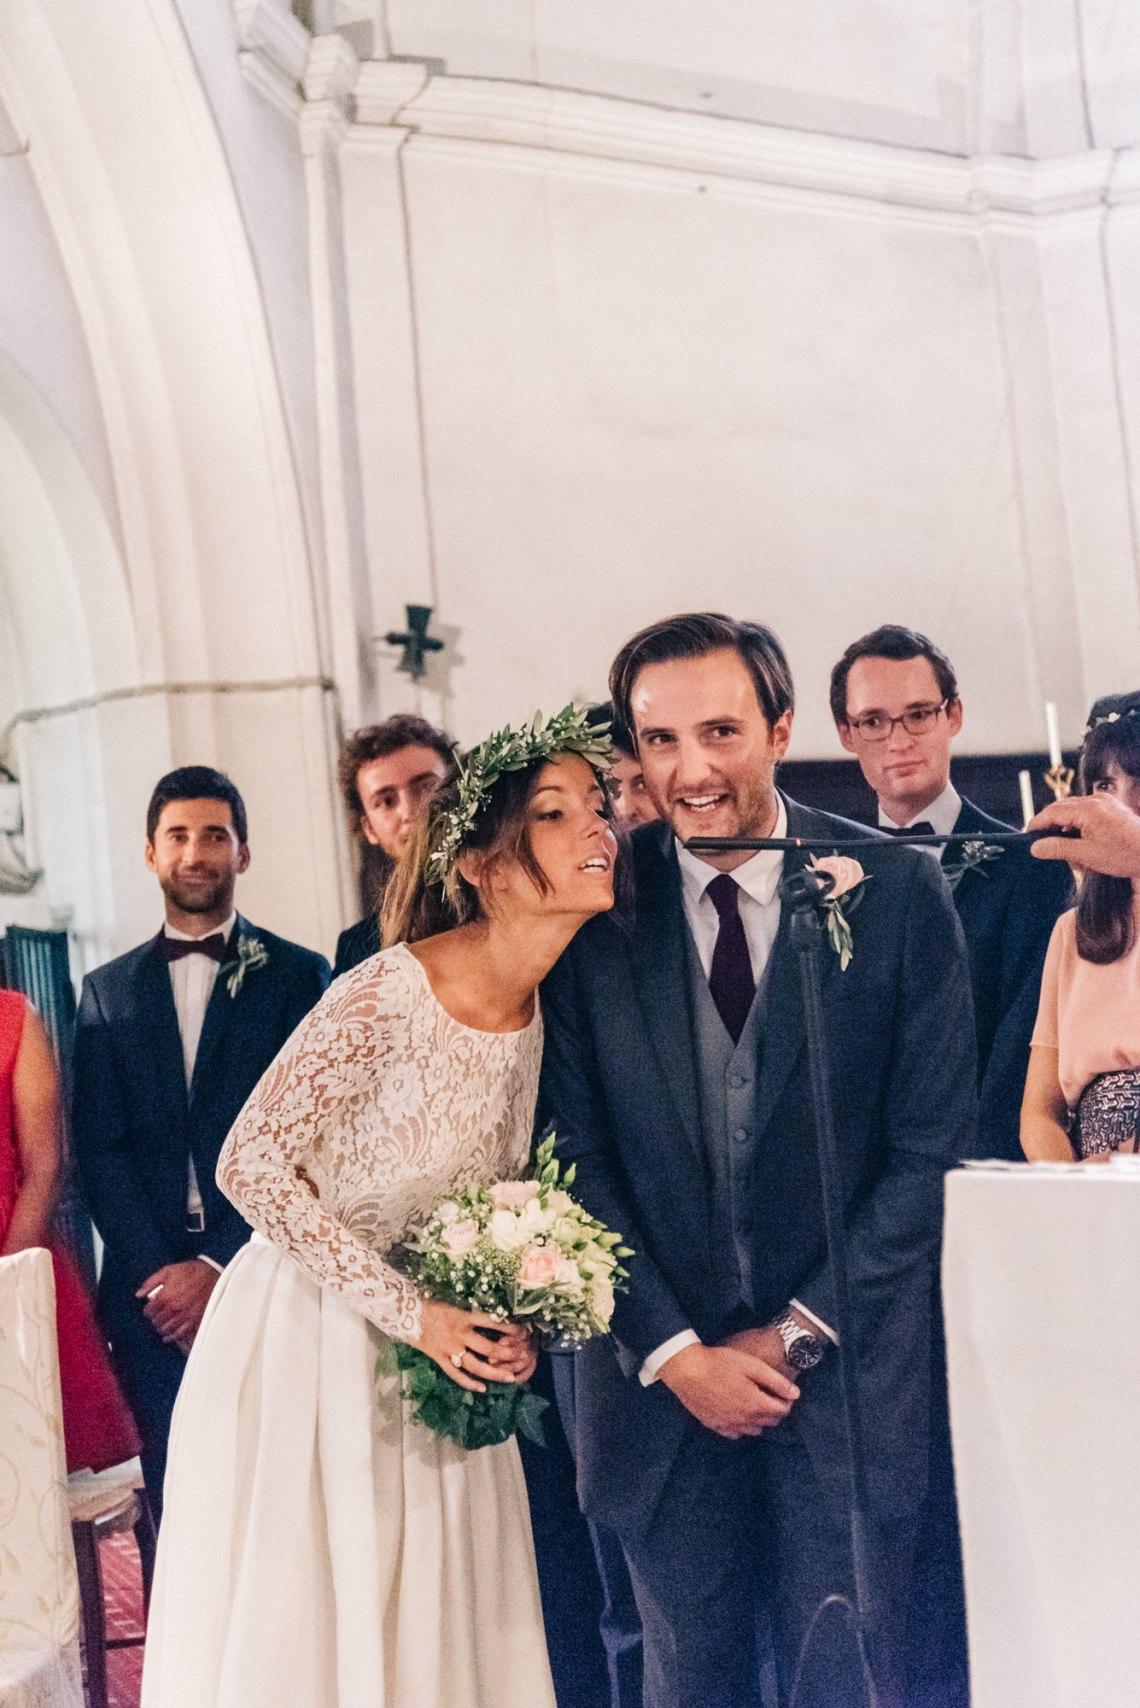 photographe-mariage-angers-nantes-vendee-29